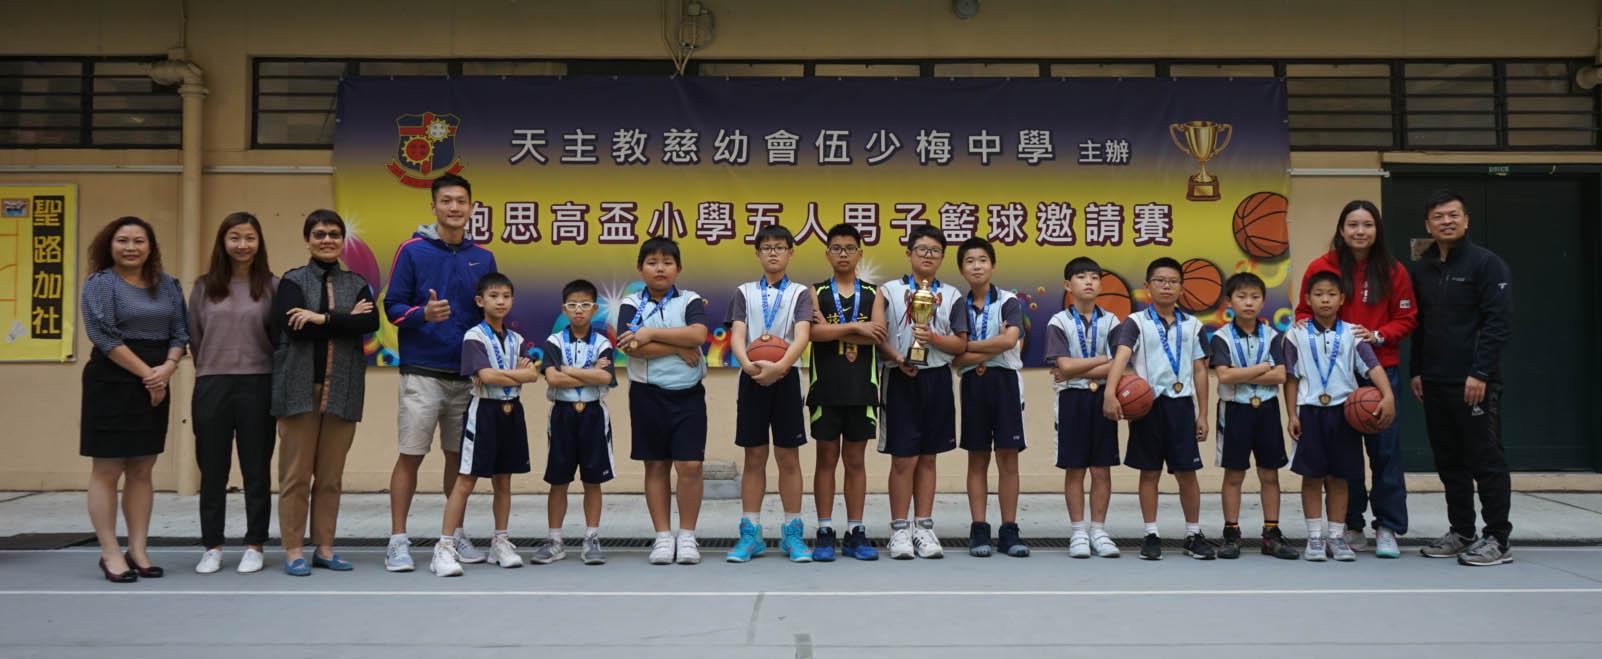 天主教慈幼會伍少梅中學的小學籃球賽相片28